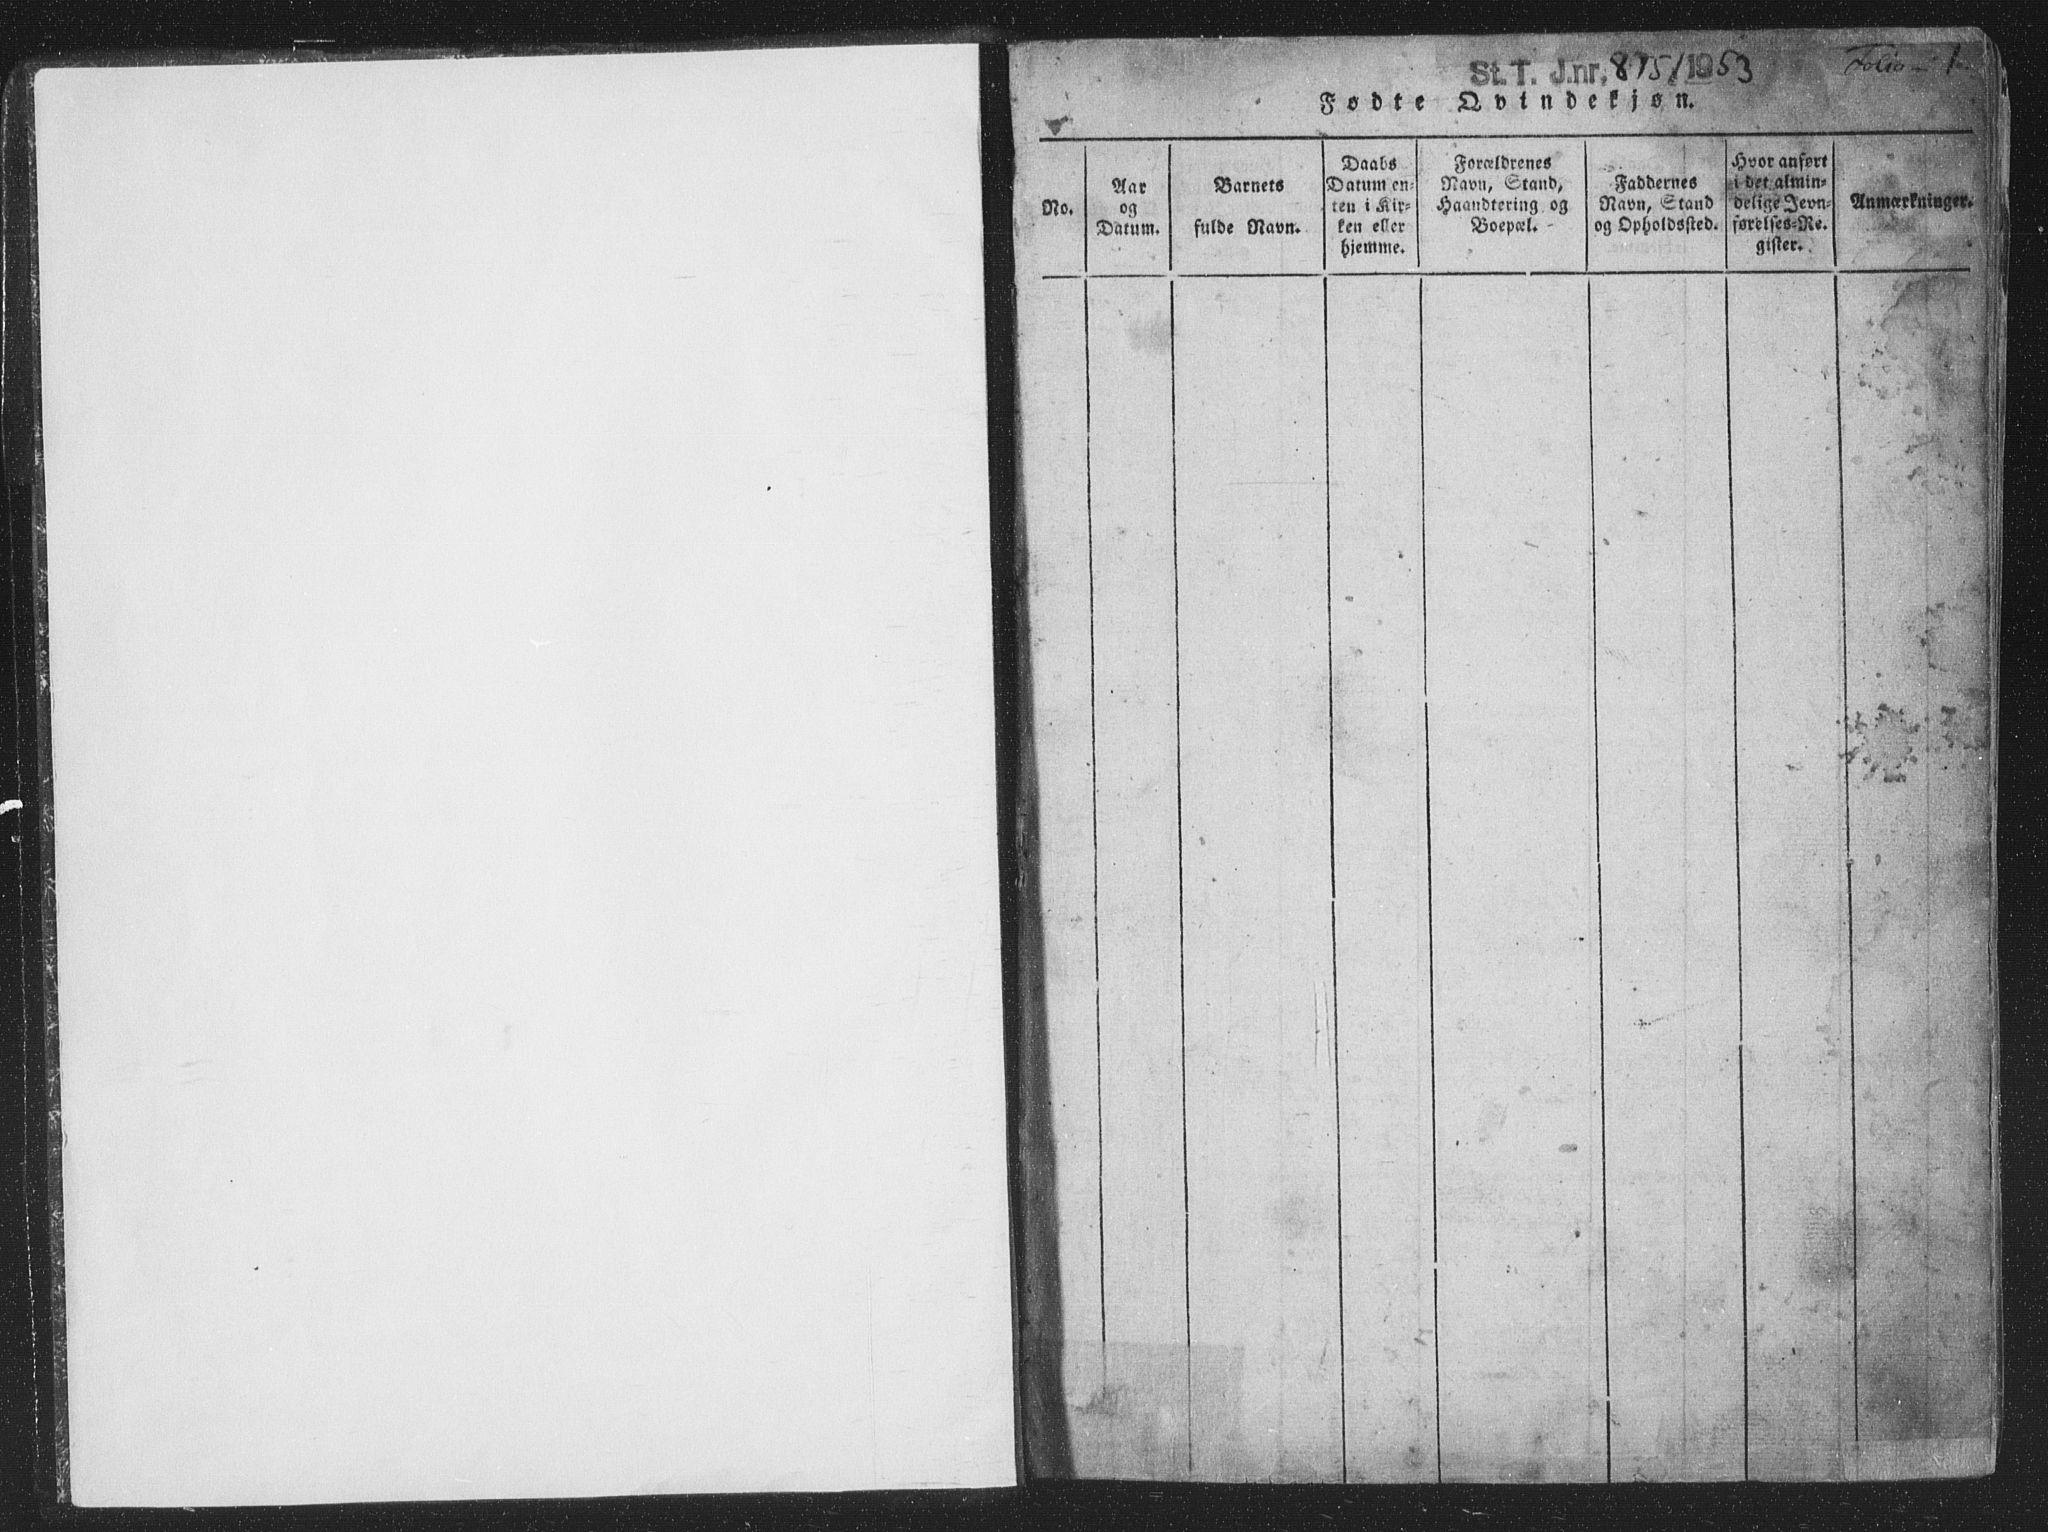 SAT, Ministerialprotokoller, klokkerbøker og fødselsregistre - Nord-Trøndelag, 773/L0613: Ministerialbok nr. 773A04, 1815-1845, s. 1